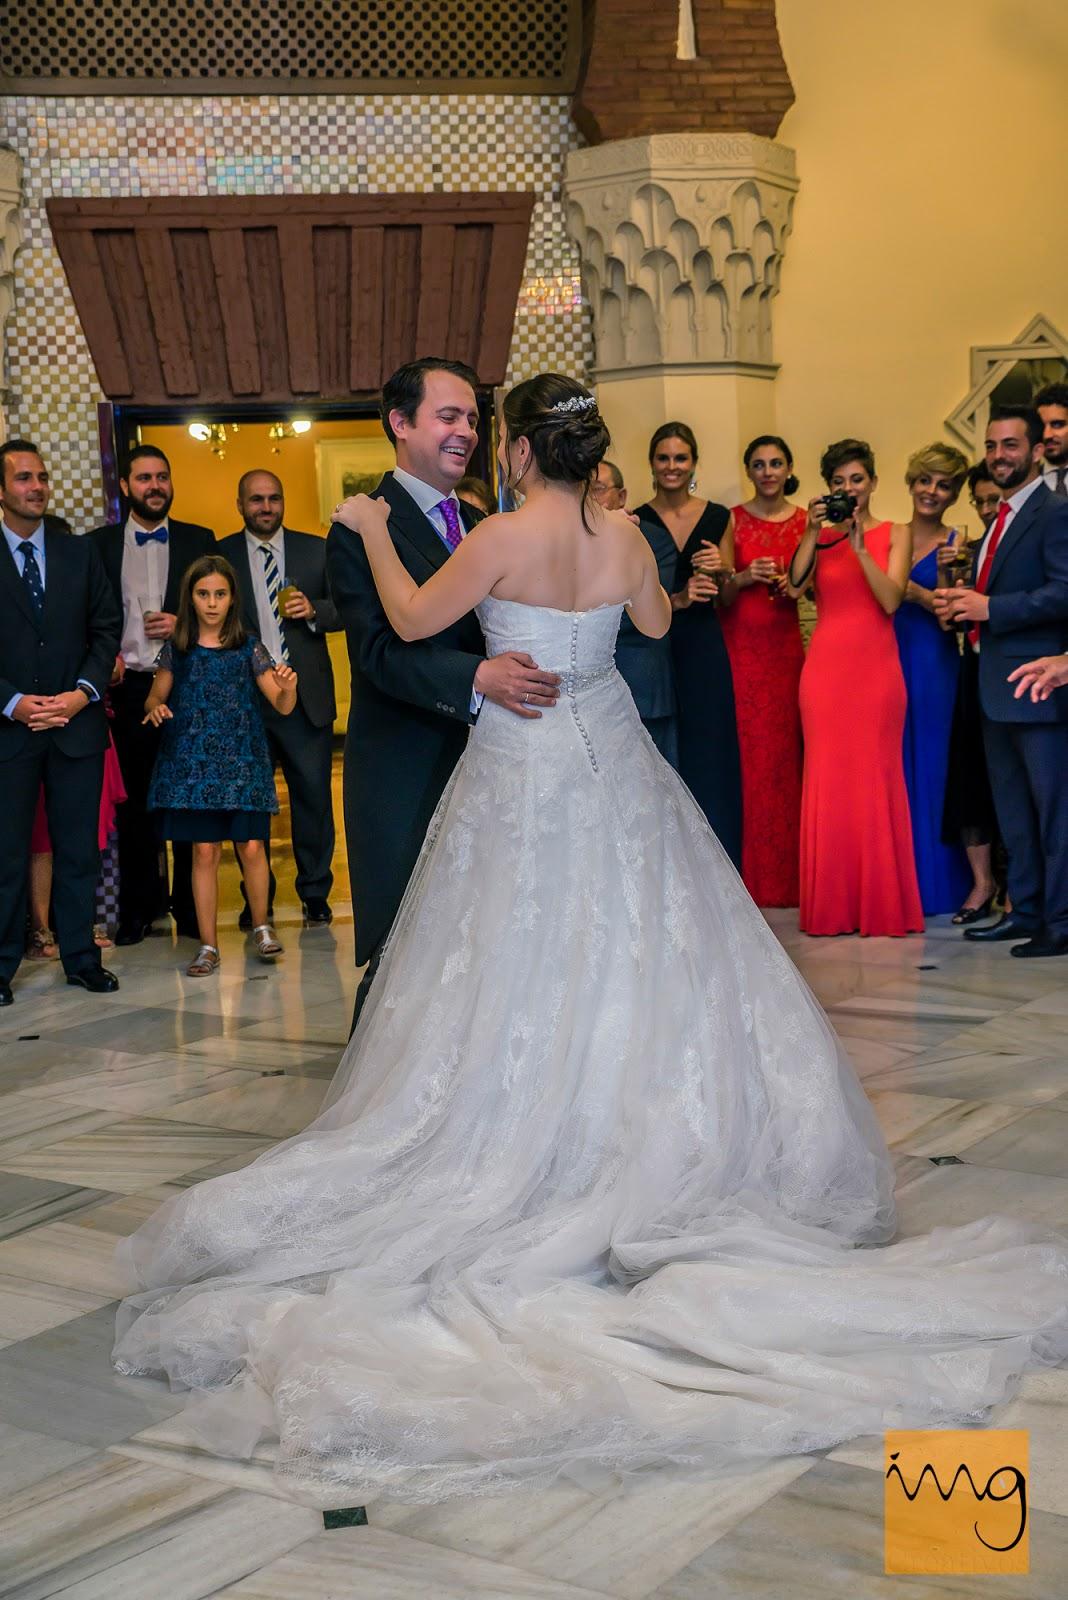 Fotografía de boda, bailando